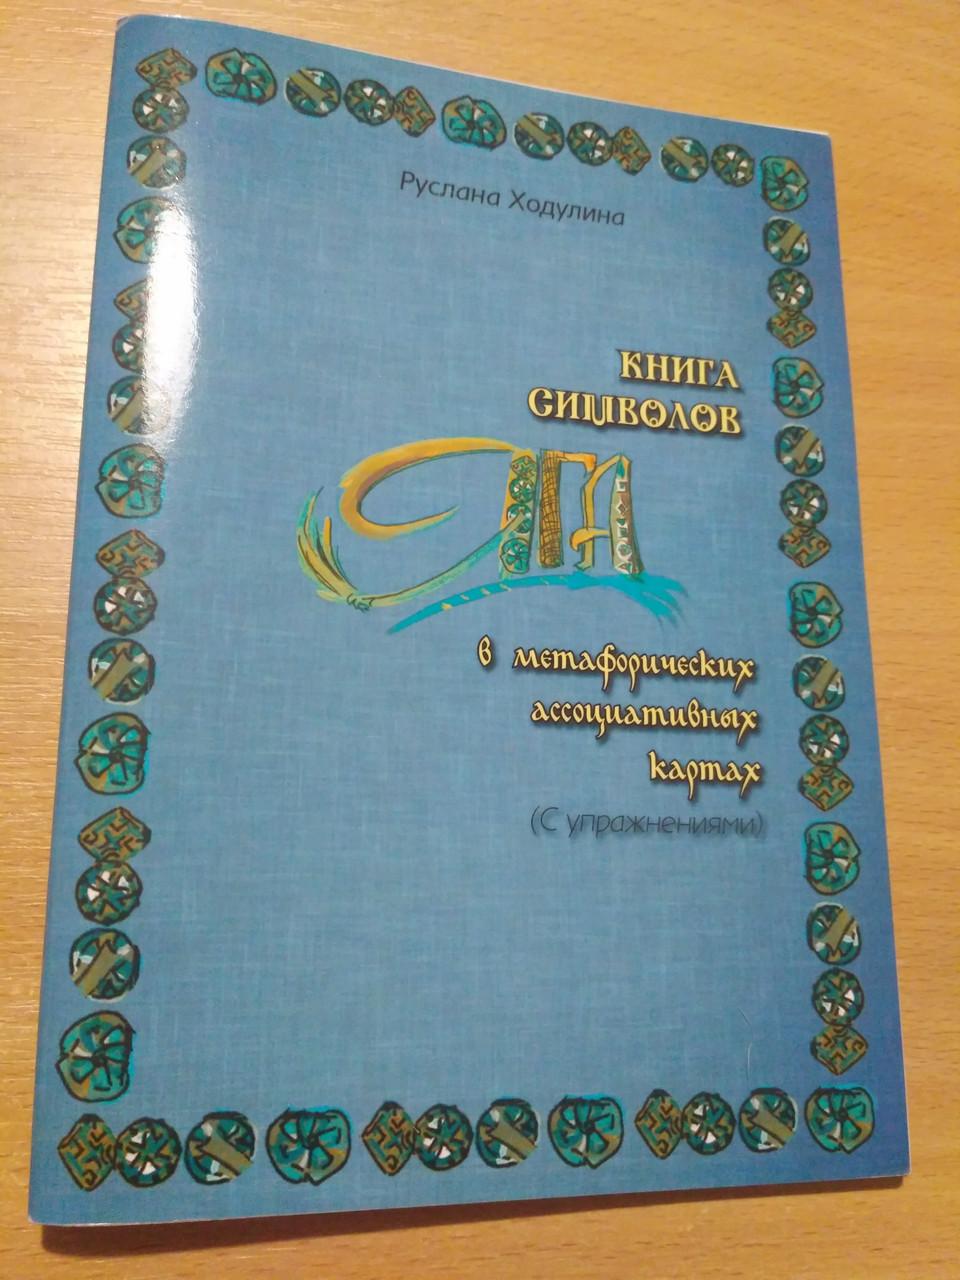 Книга Символов в Метафорических ассоциативных картах «ЯГа» с упражнениями, Руслана Ходулина